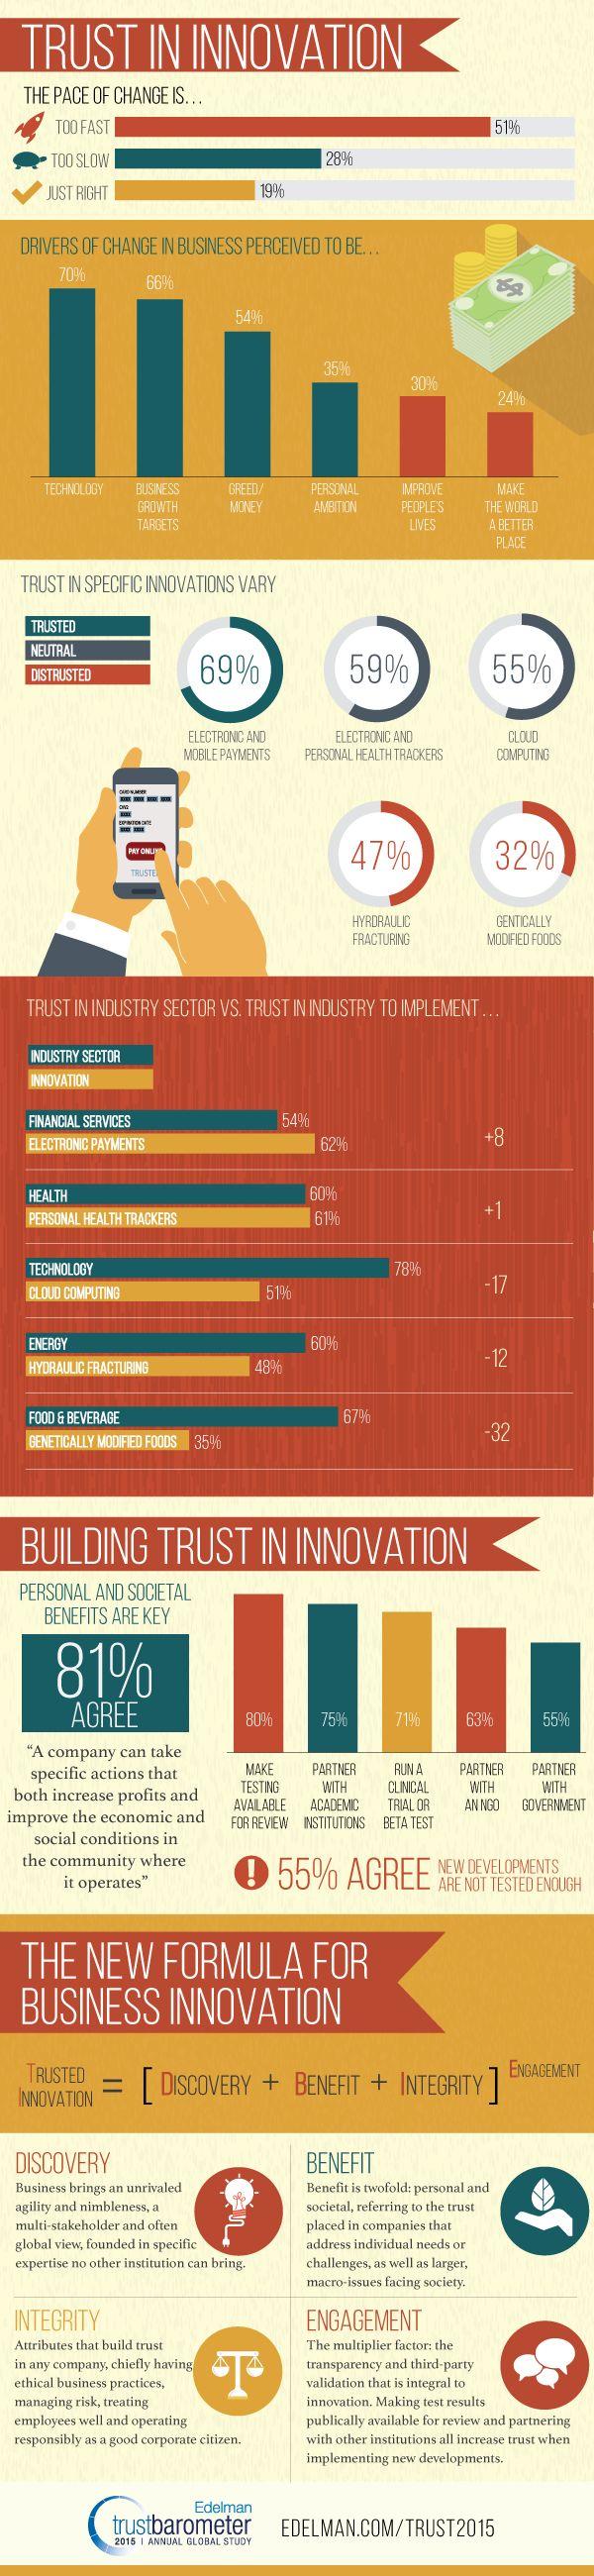 Trust in Innovation